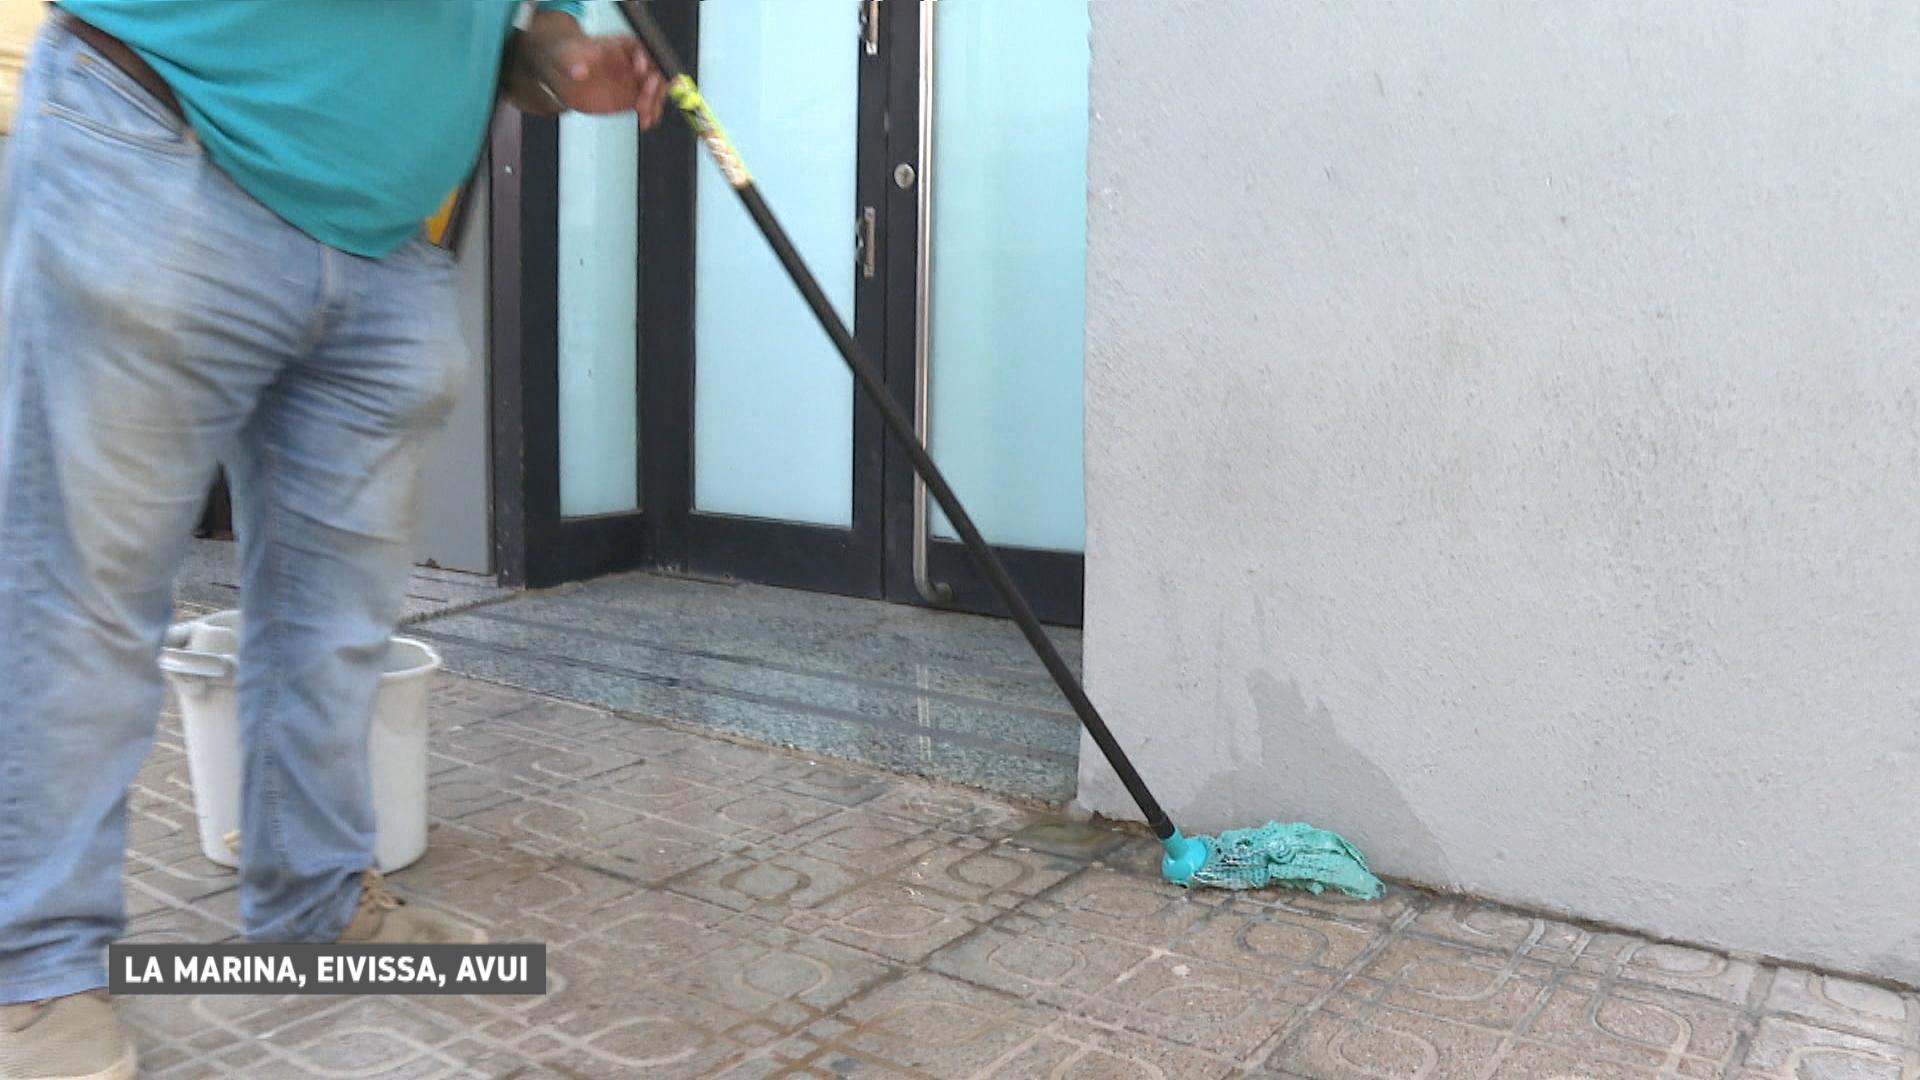 Els+comerciants+de+la+Marina+protesten+amb+graneres+i+poals